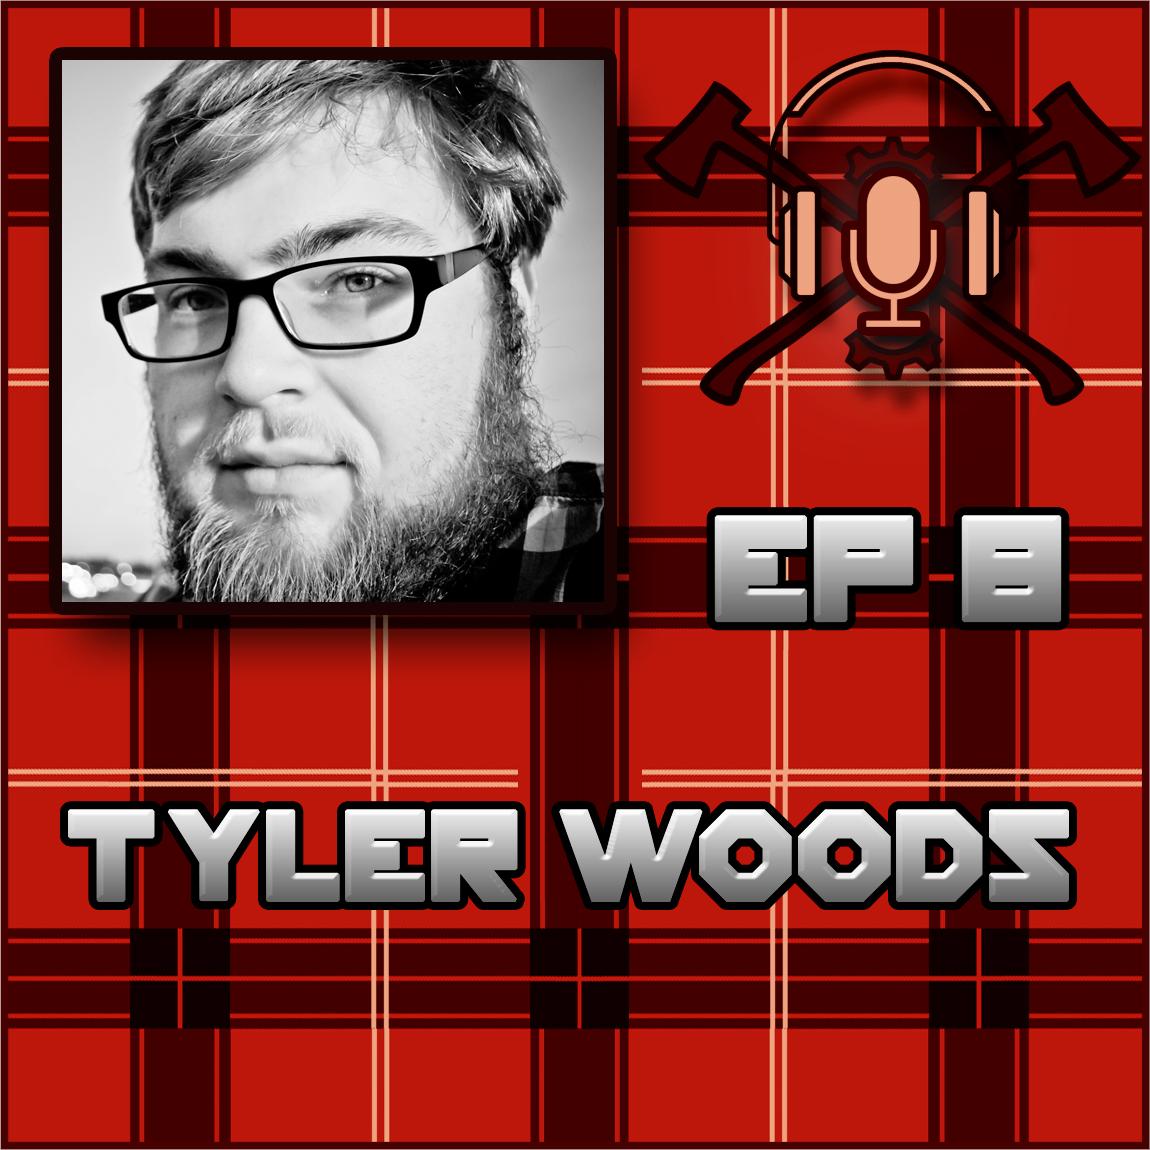 tyler woods